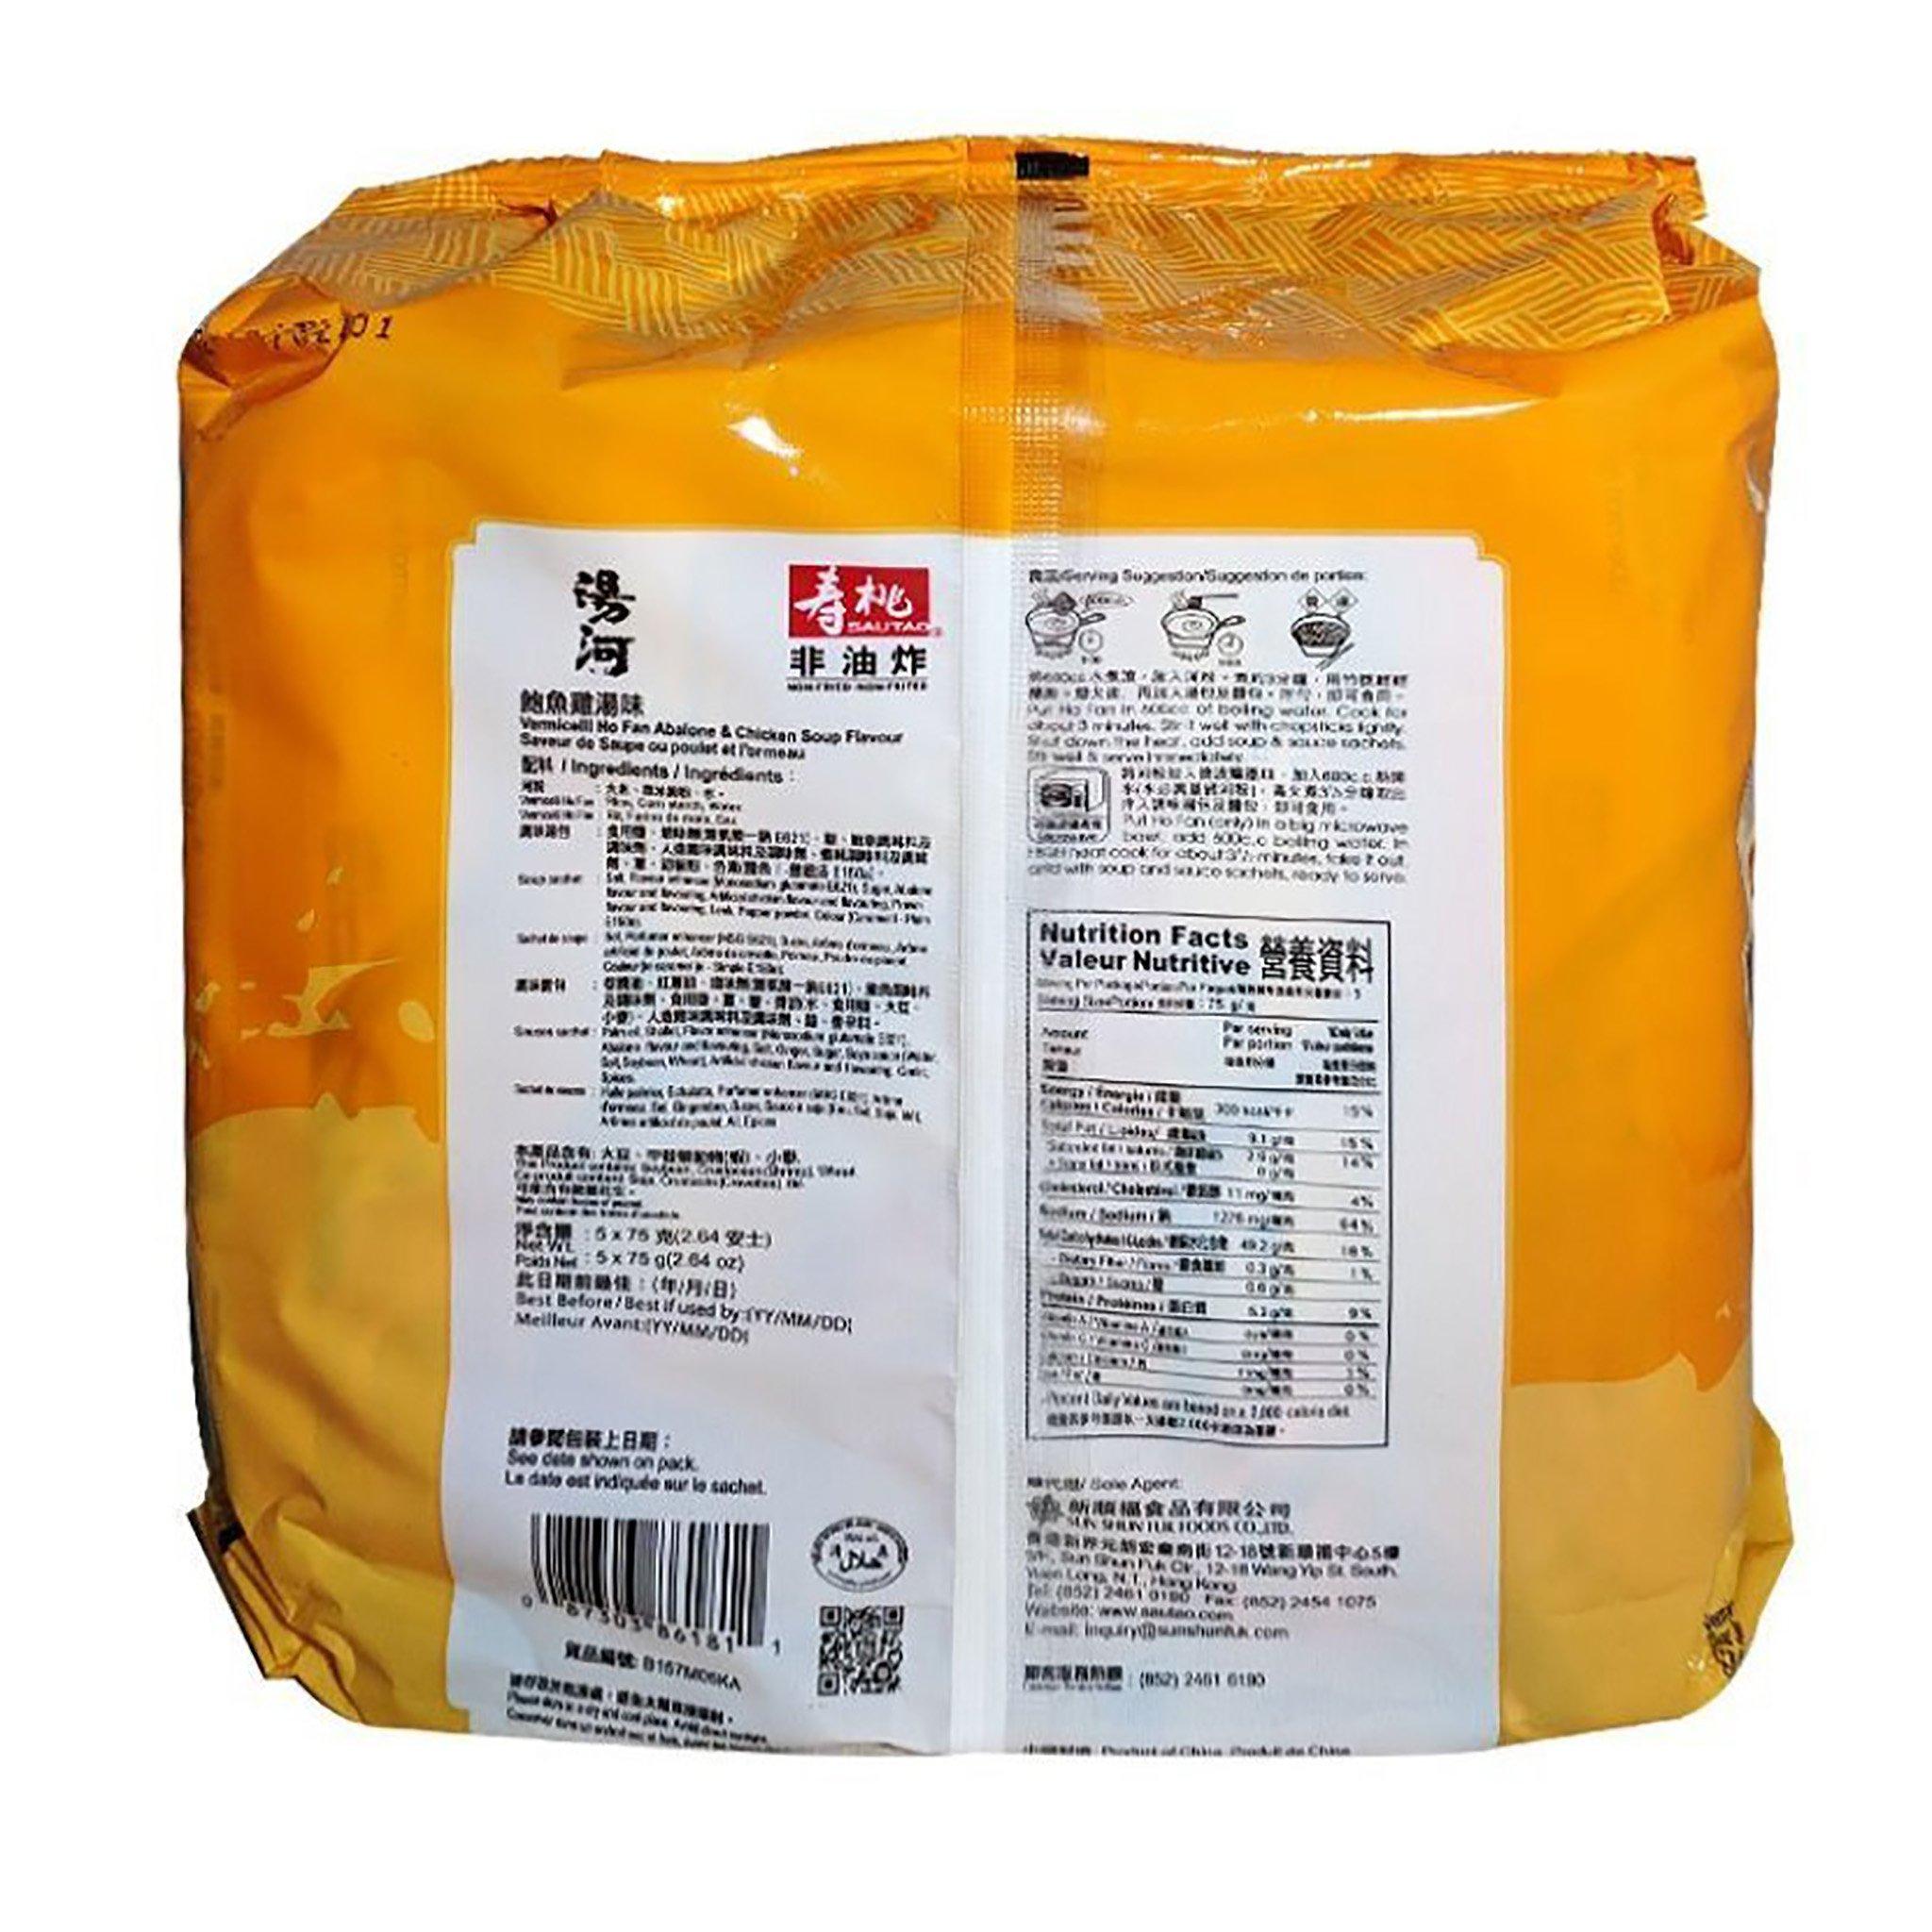 medium sautao ho fan abalone chicken soup flavour vermicelli 5 pack NZyy20Z97Z